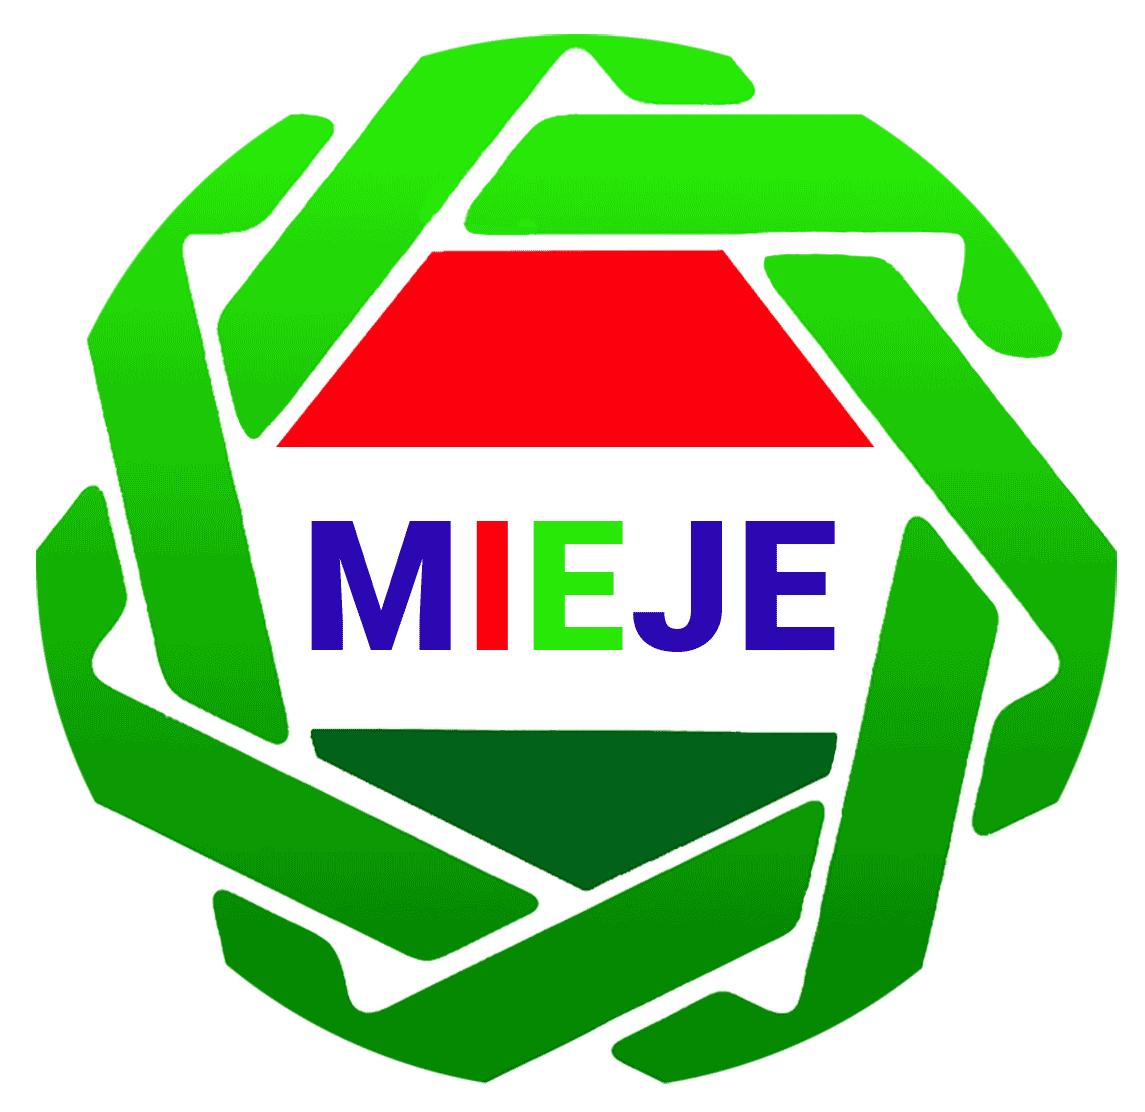 mieje-logo-2018-felirat-nelkul-trans-hatter.png